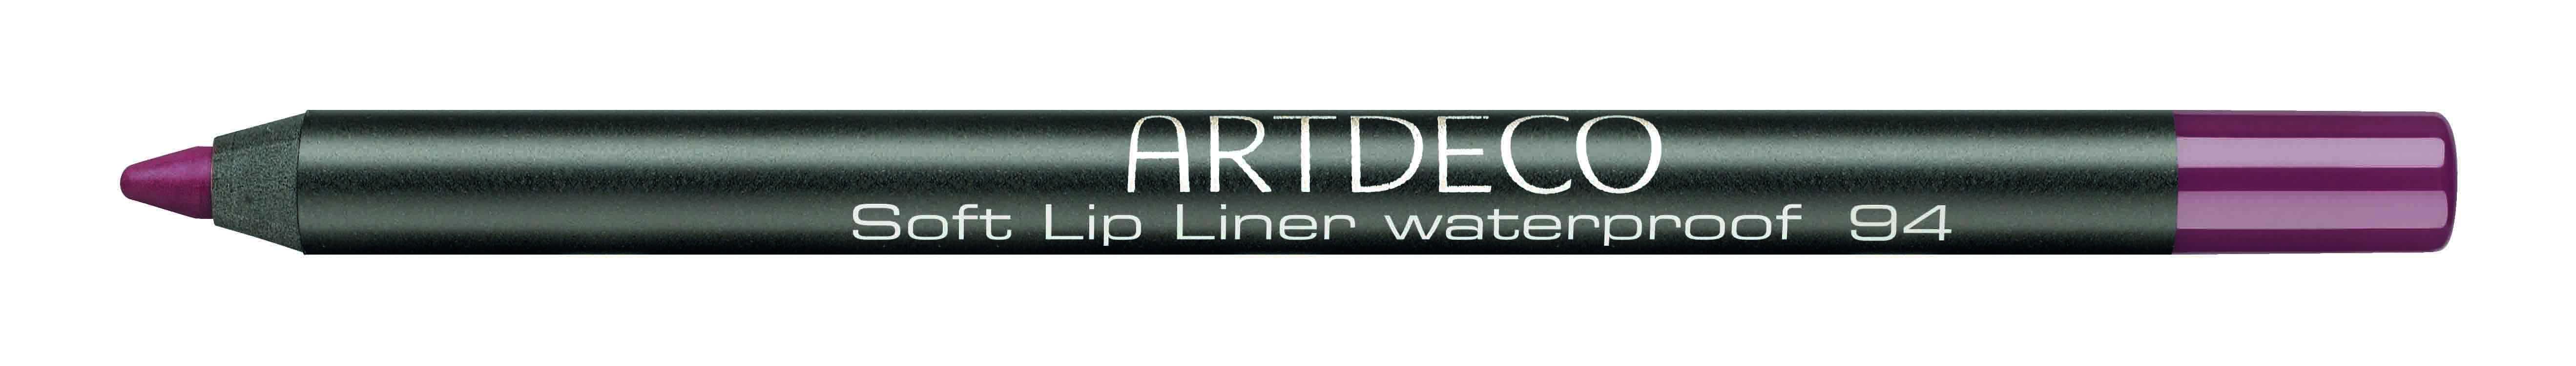 Artdeco карандаш для губ водостойкий 94 1,2г1301207Контур со стойкой текстурой и насыщенным цветом не позволяет растекаться помаде или блеску, помогает сделать чувственный макияж губ.